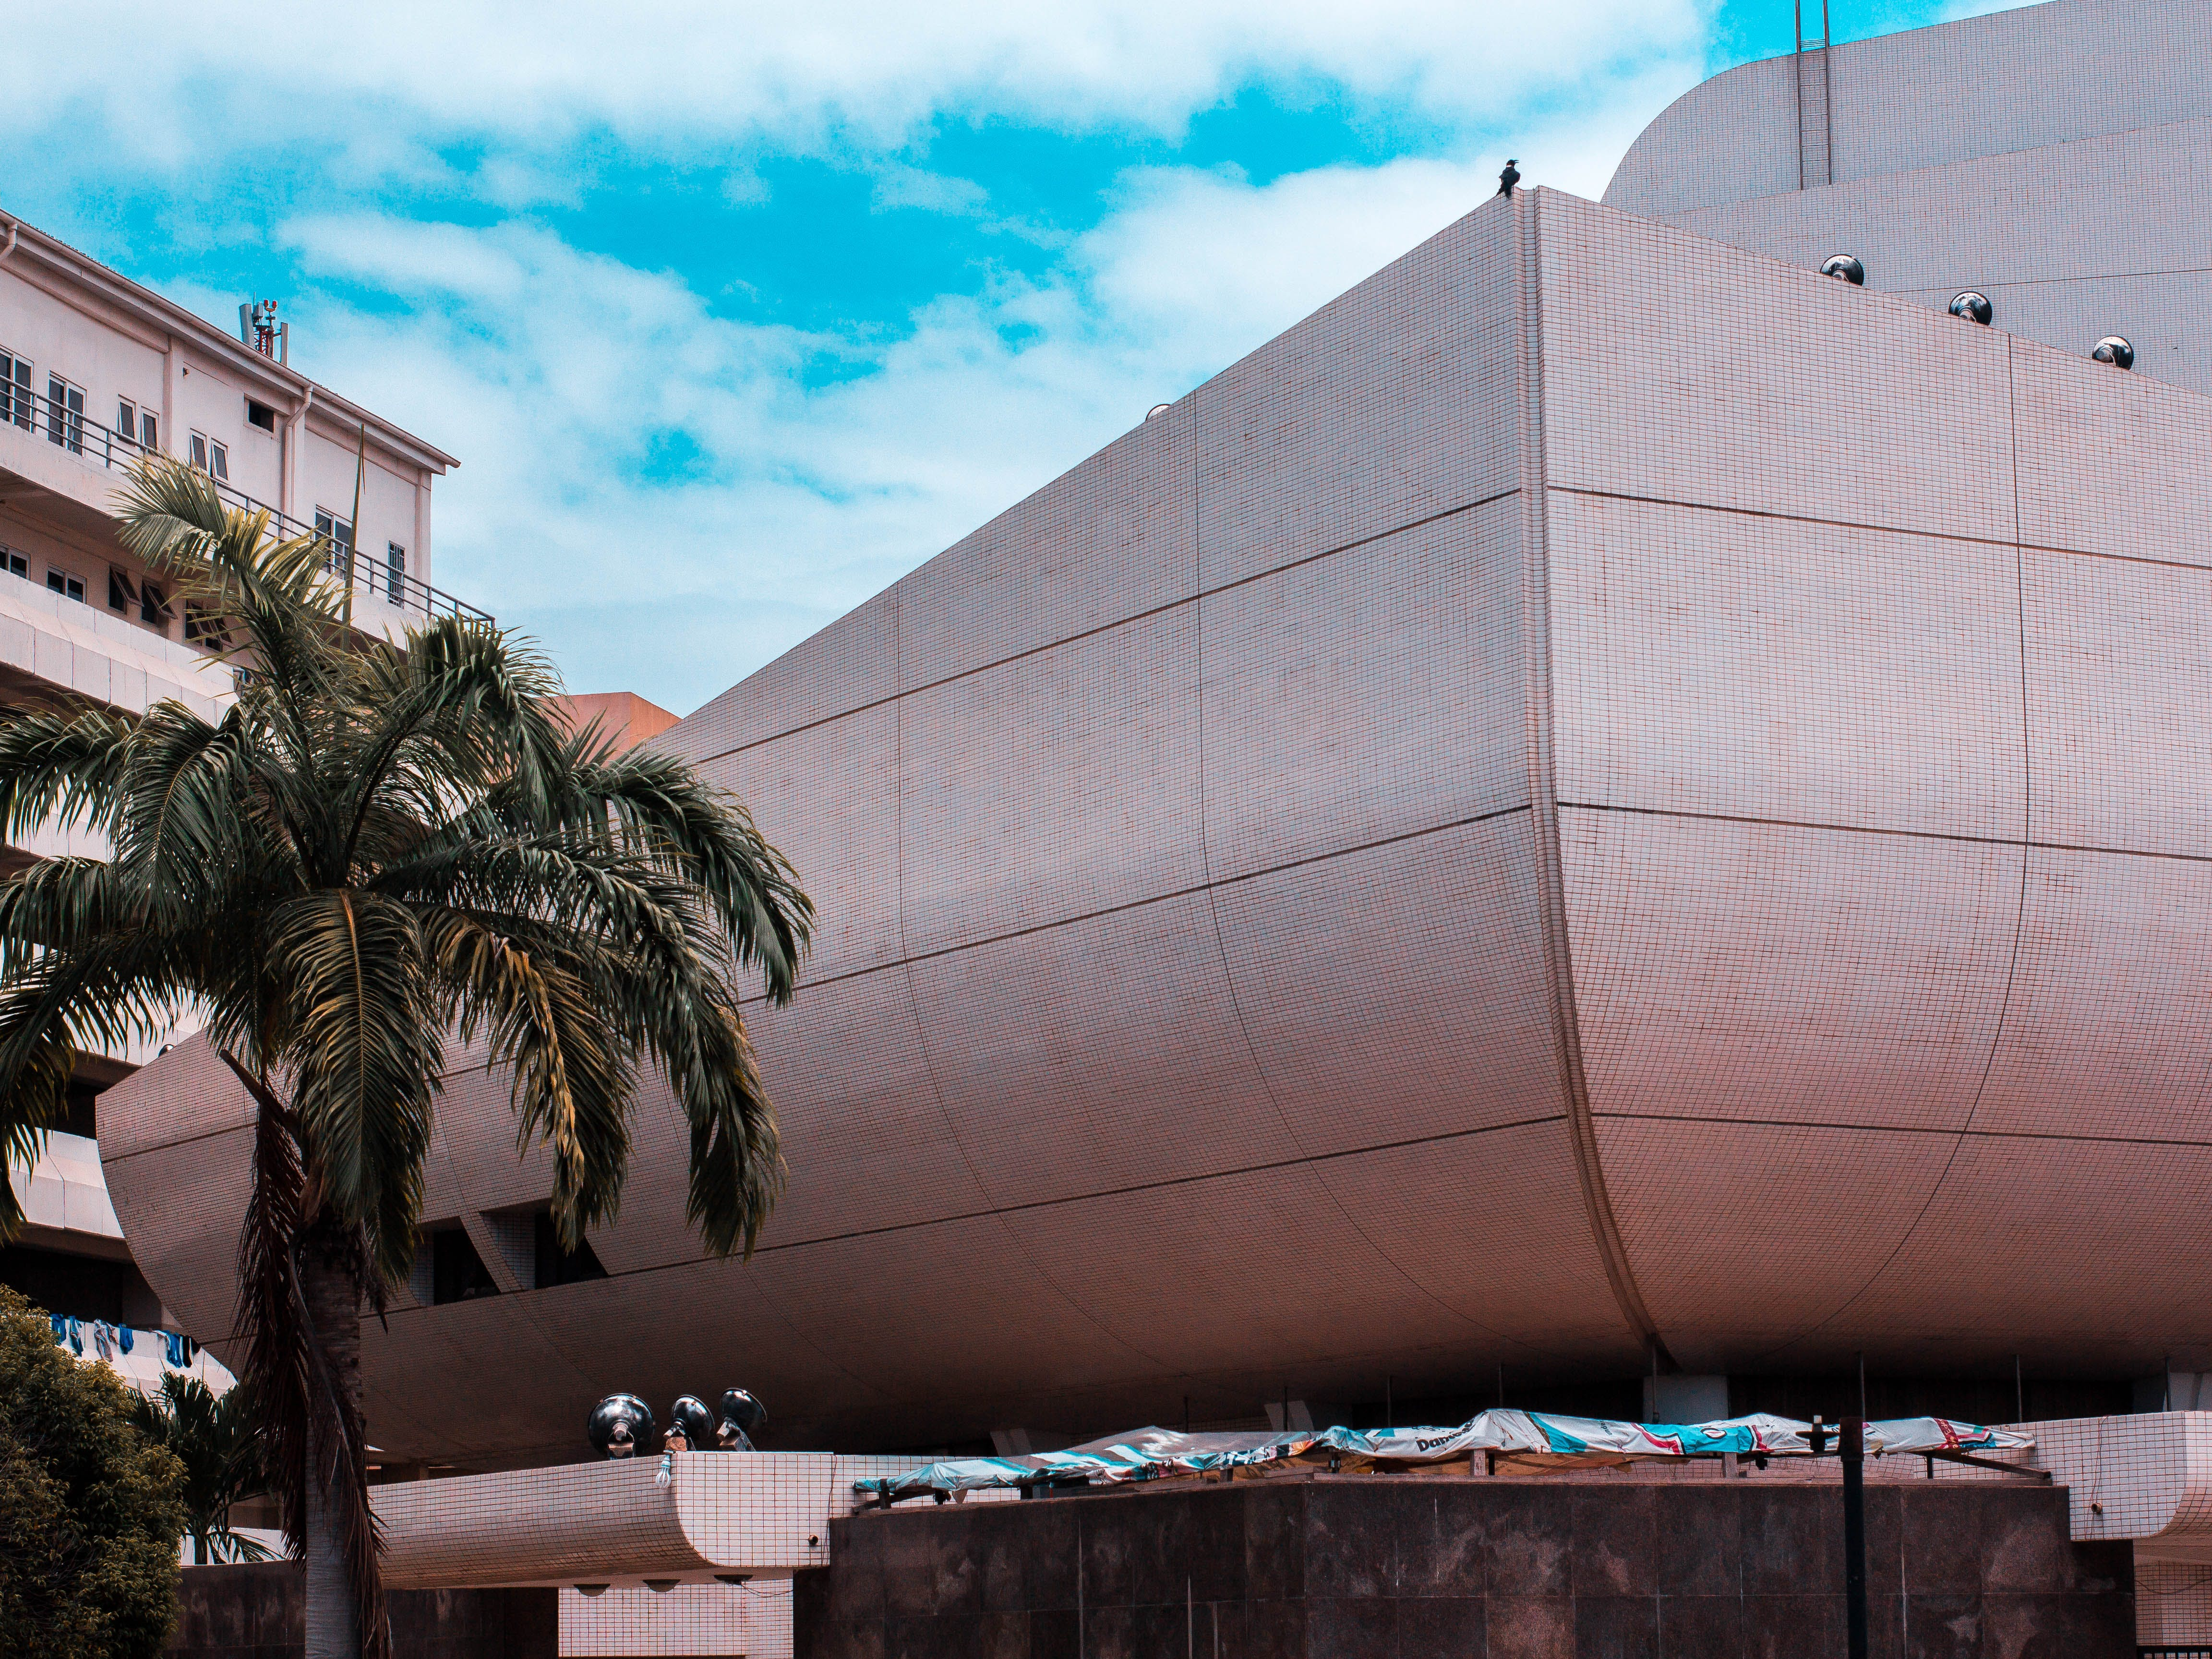 Δωρεάν στοκ φωτογραφιών με Αμφιθέατρο, αρχιτεκτονική, αστικός, γαλάζιος ουρανός